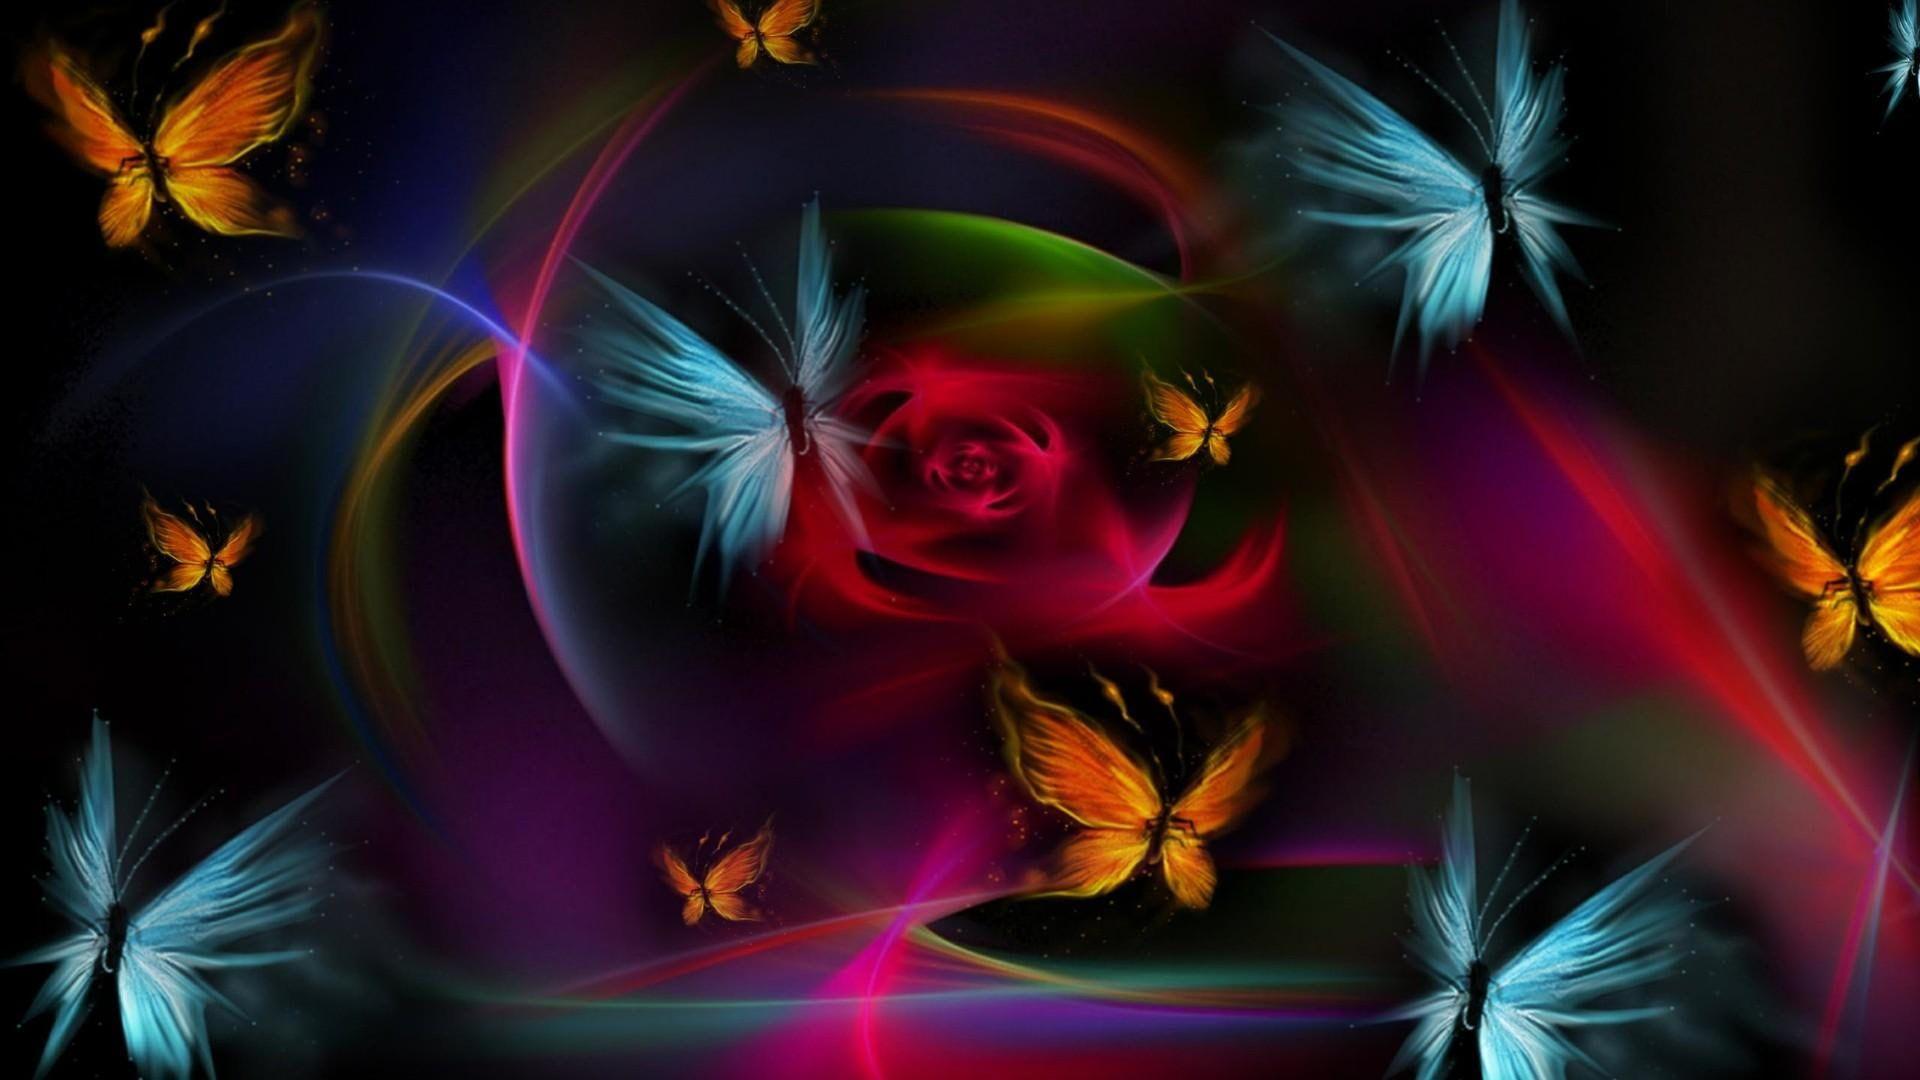 digital art #3d #butterflies #butterfly #flower #colorful ...